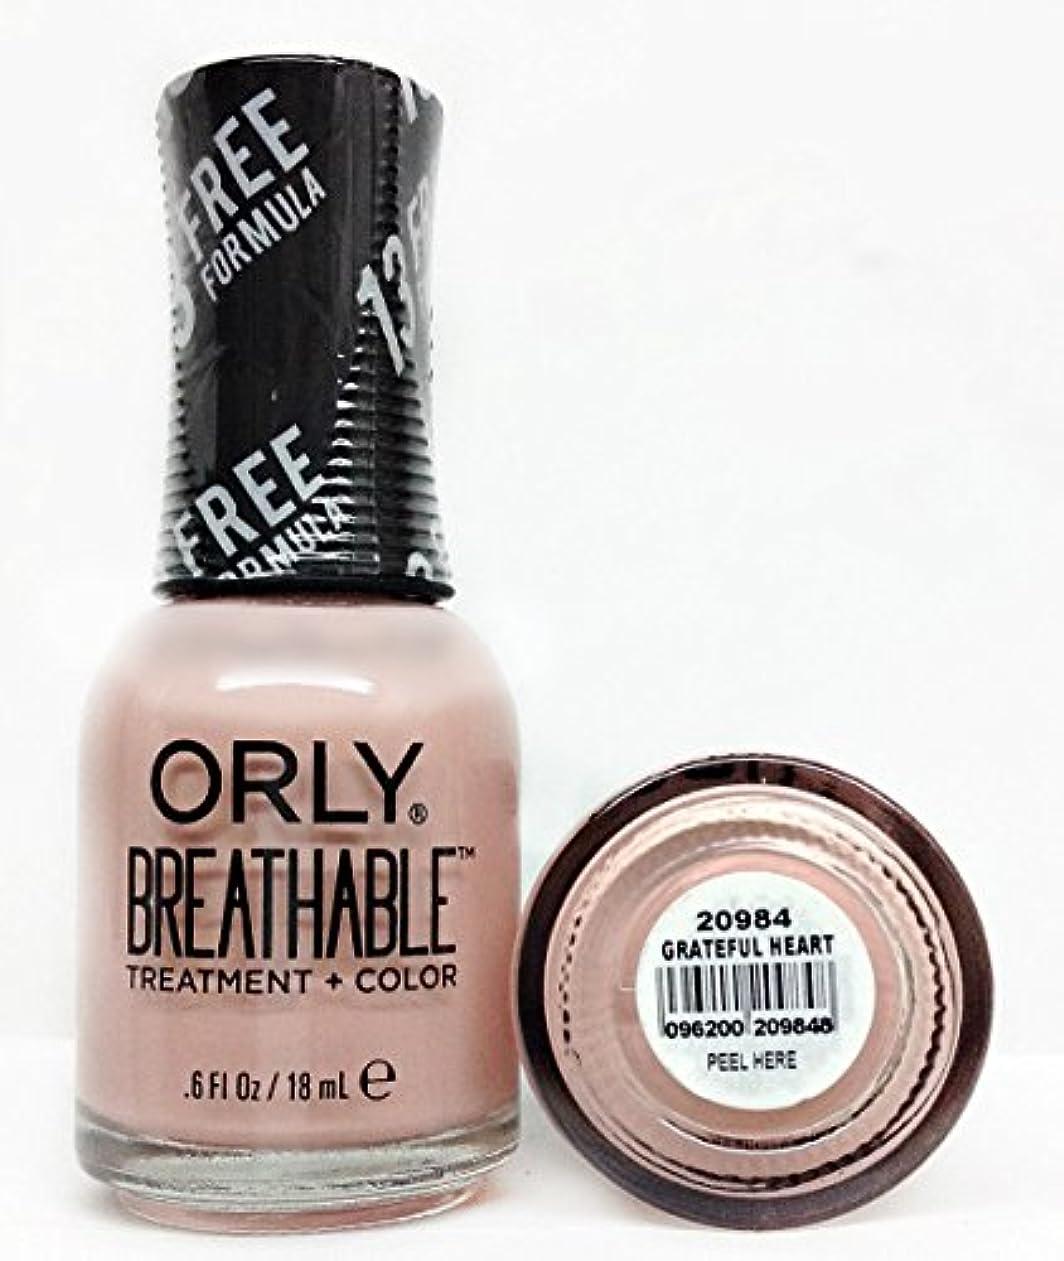 協力的社会主義者三角Orly Breathable Nail Lacquer - Treatment + Color - Grateful Heart - 0.6 oz / 18 mL